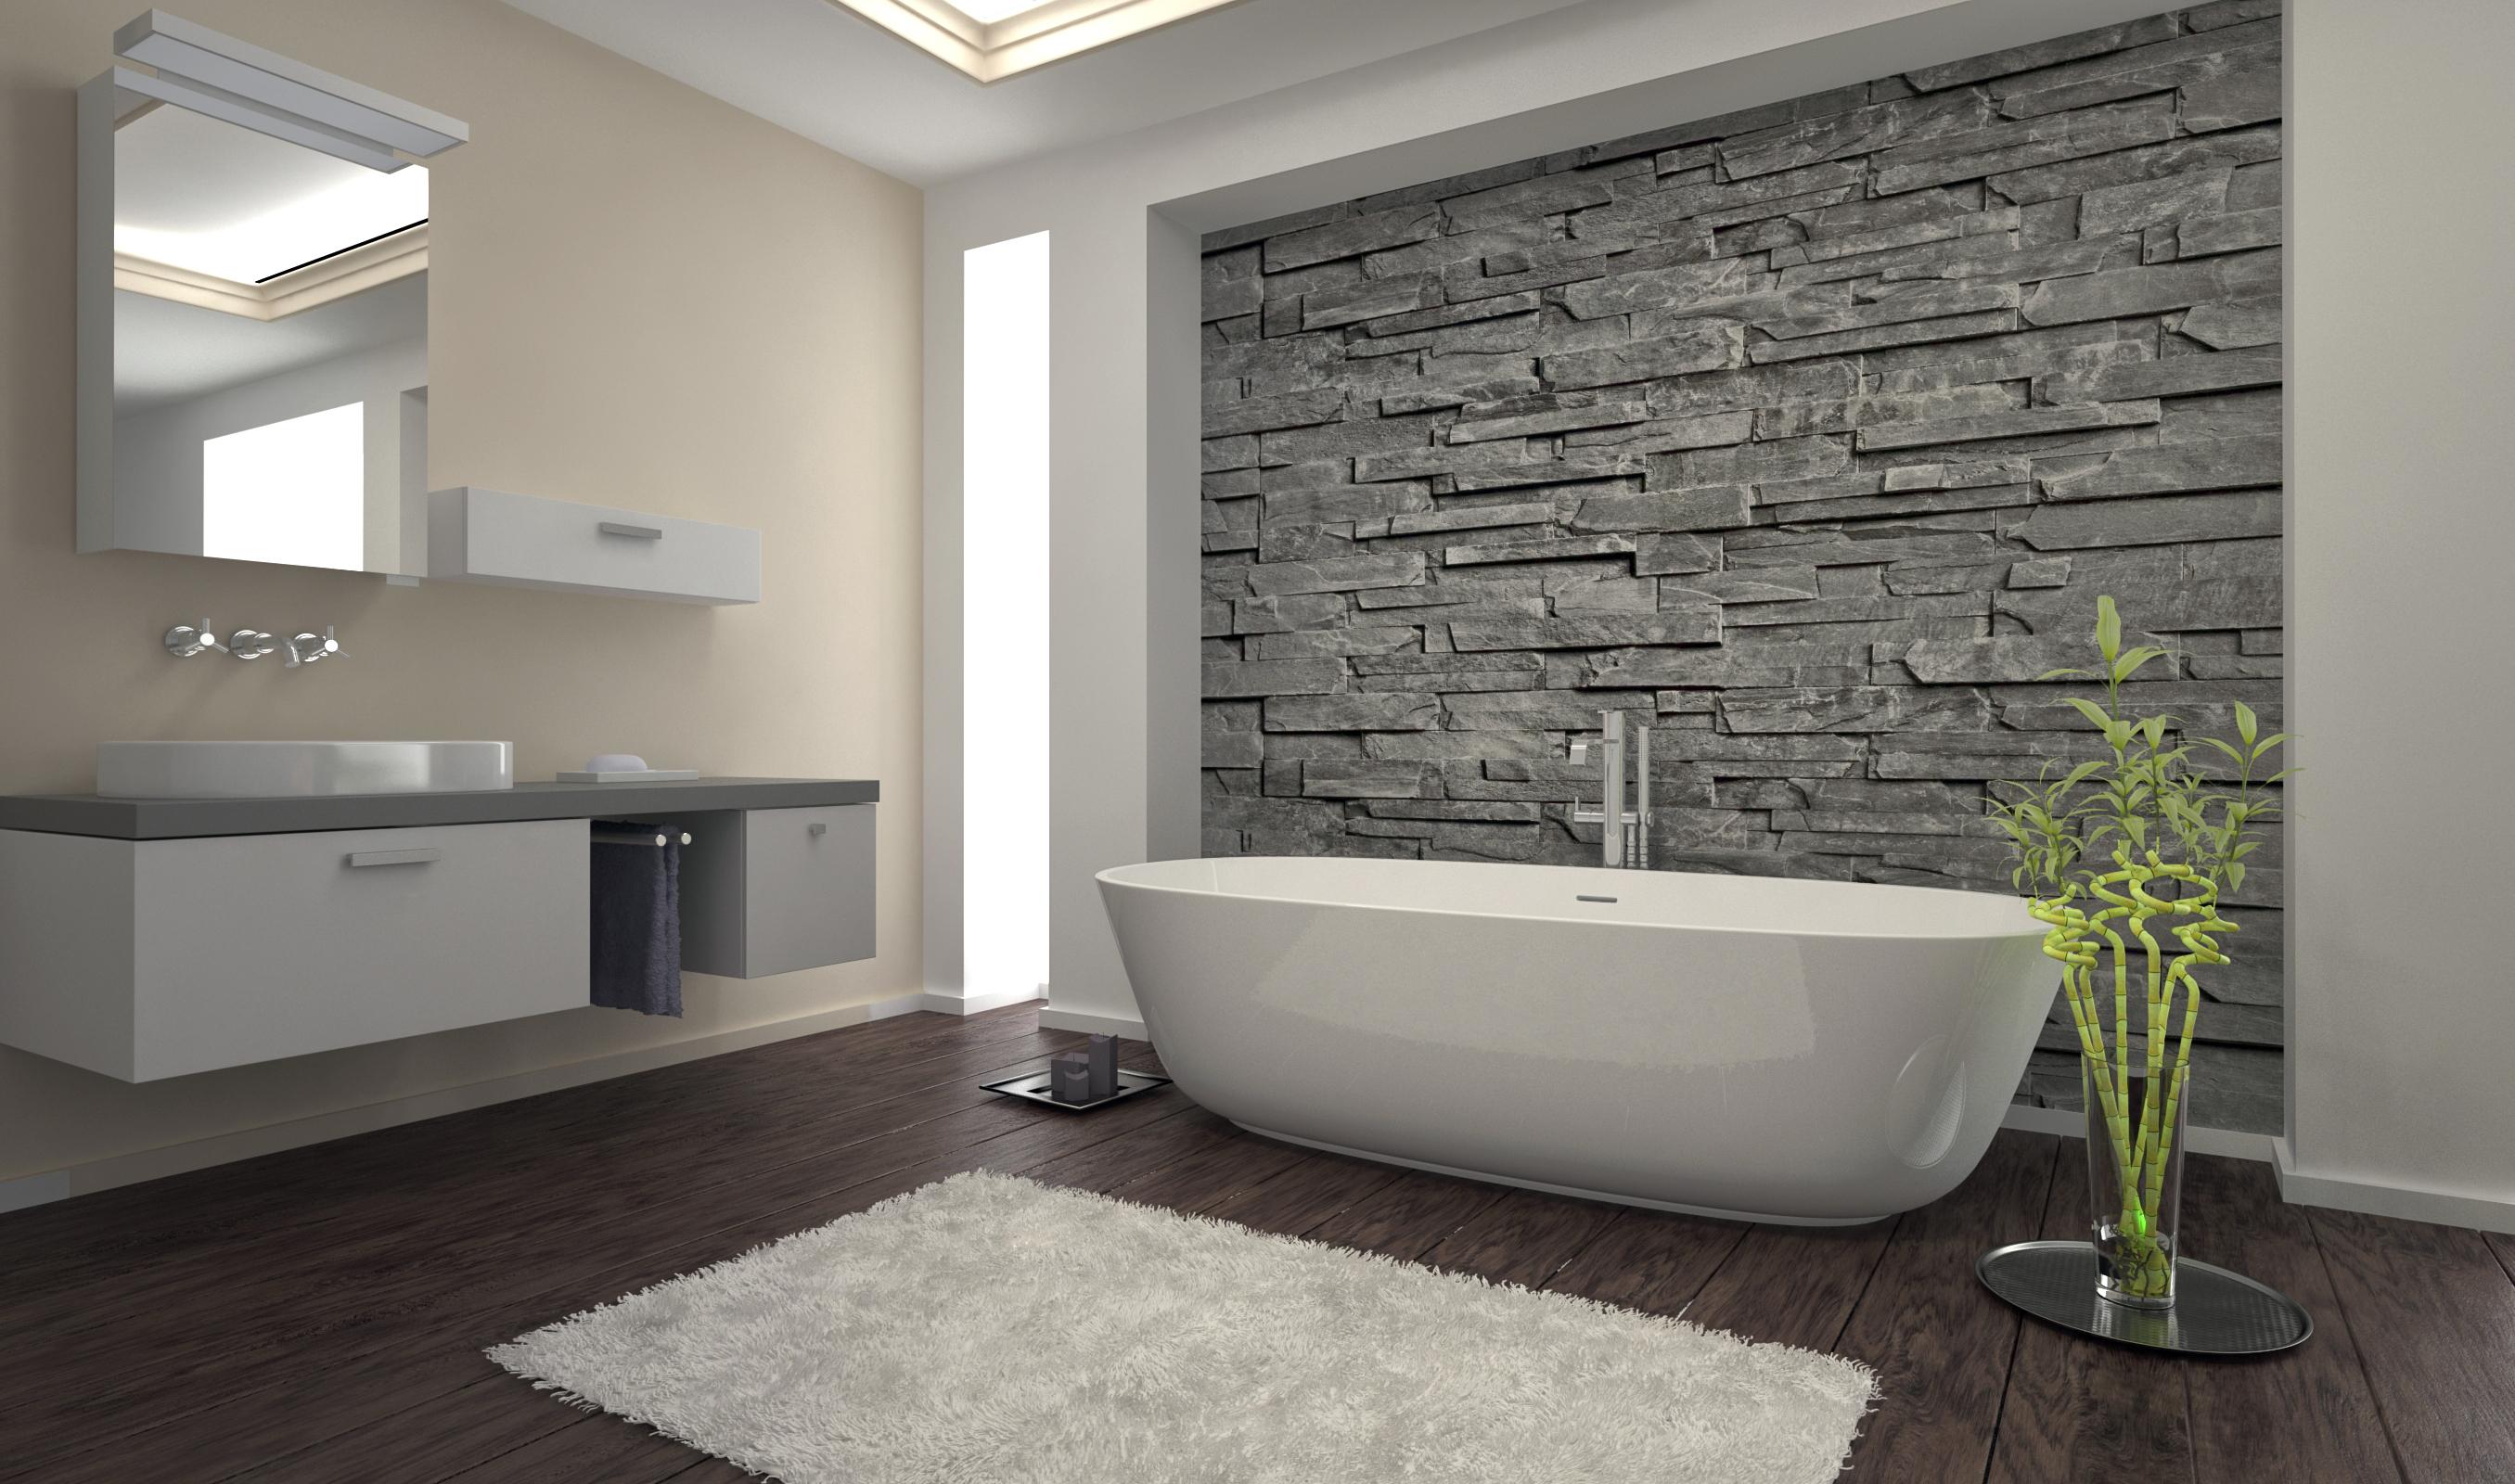 Badkamer hout steen